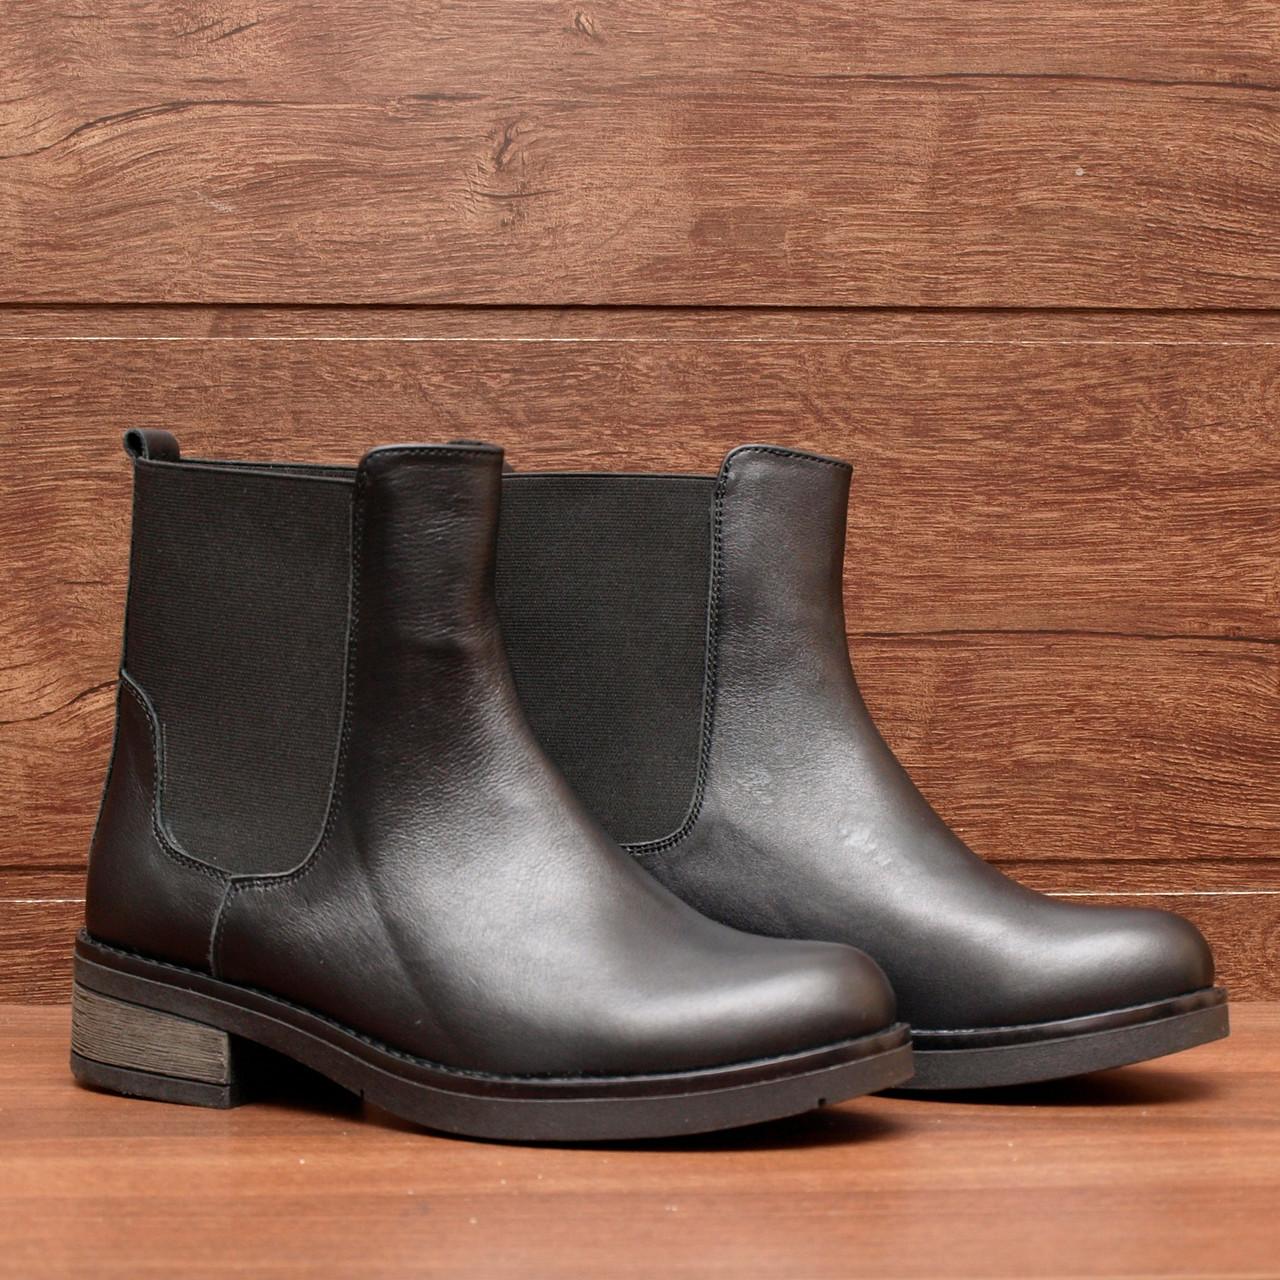 Ботинки женские зима YDG Bellini